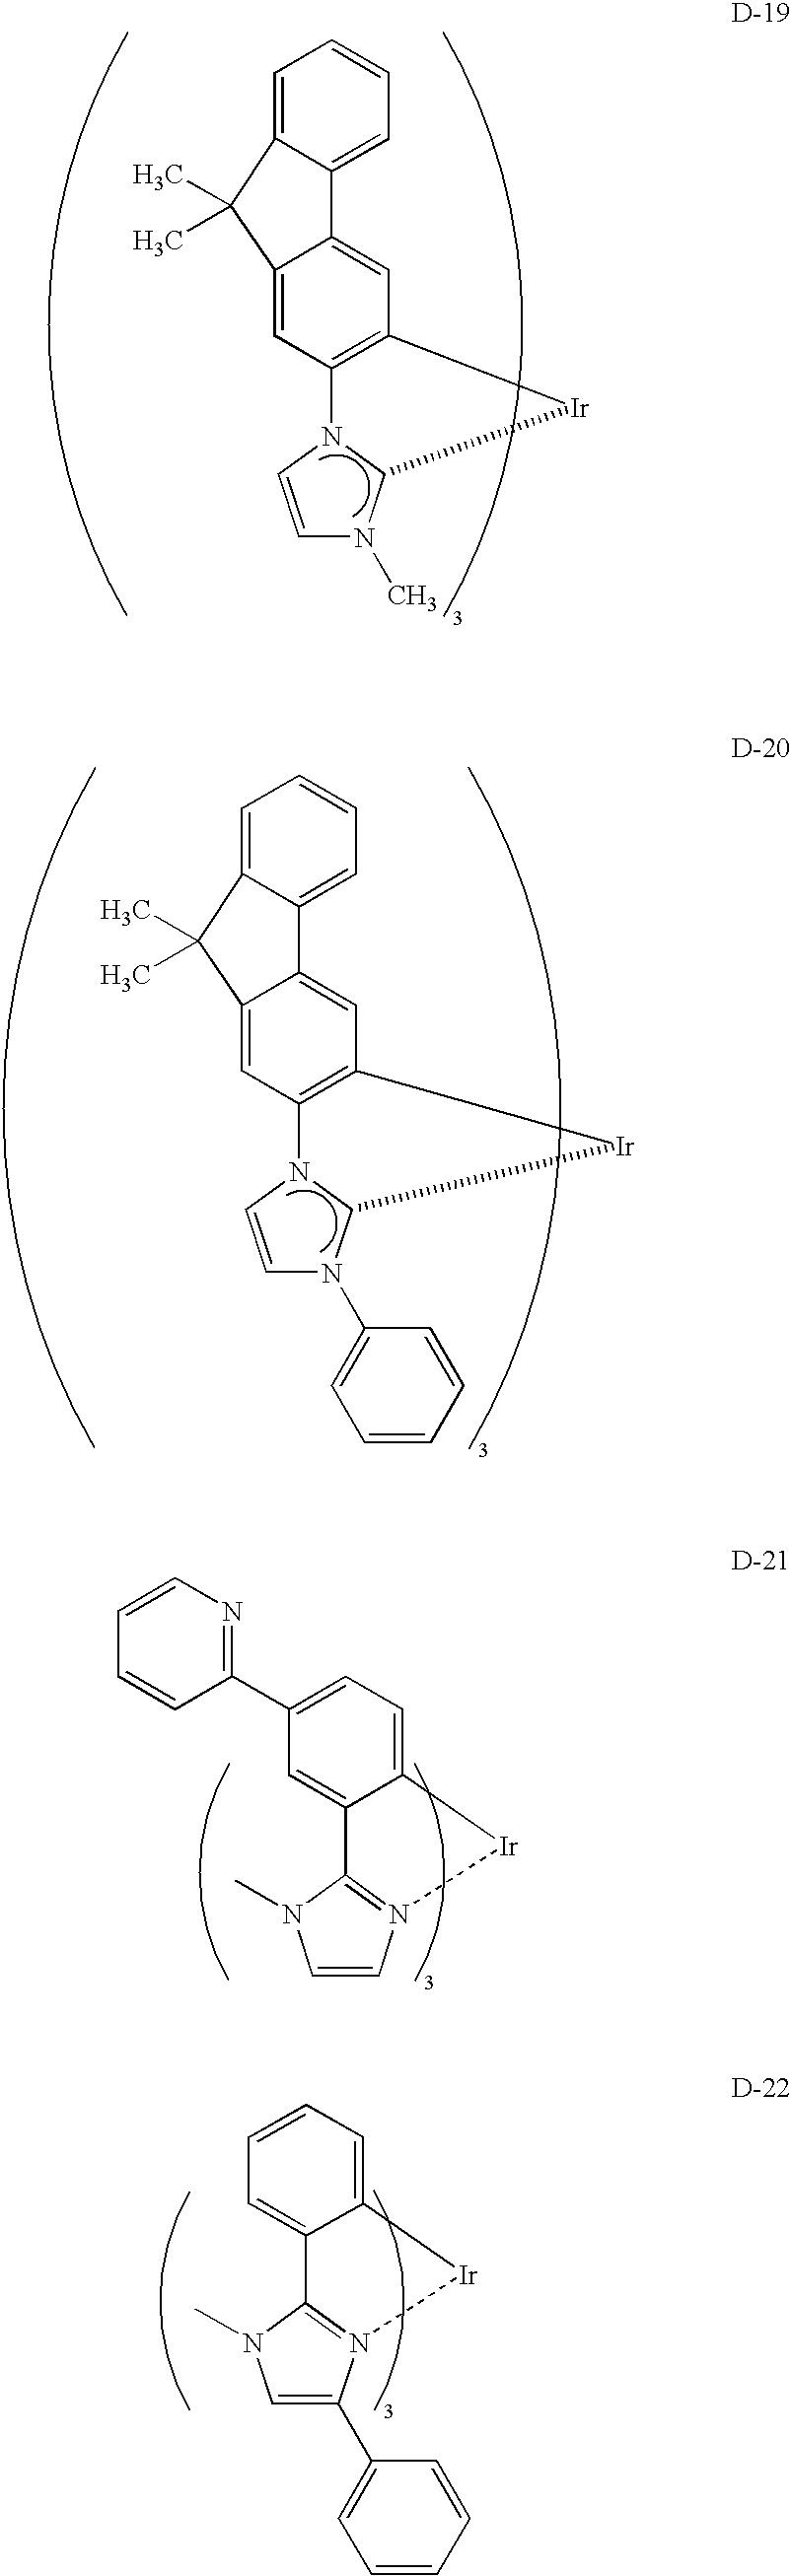 Figure US08053765-20111108-C00024